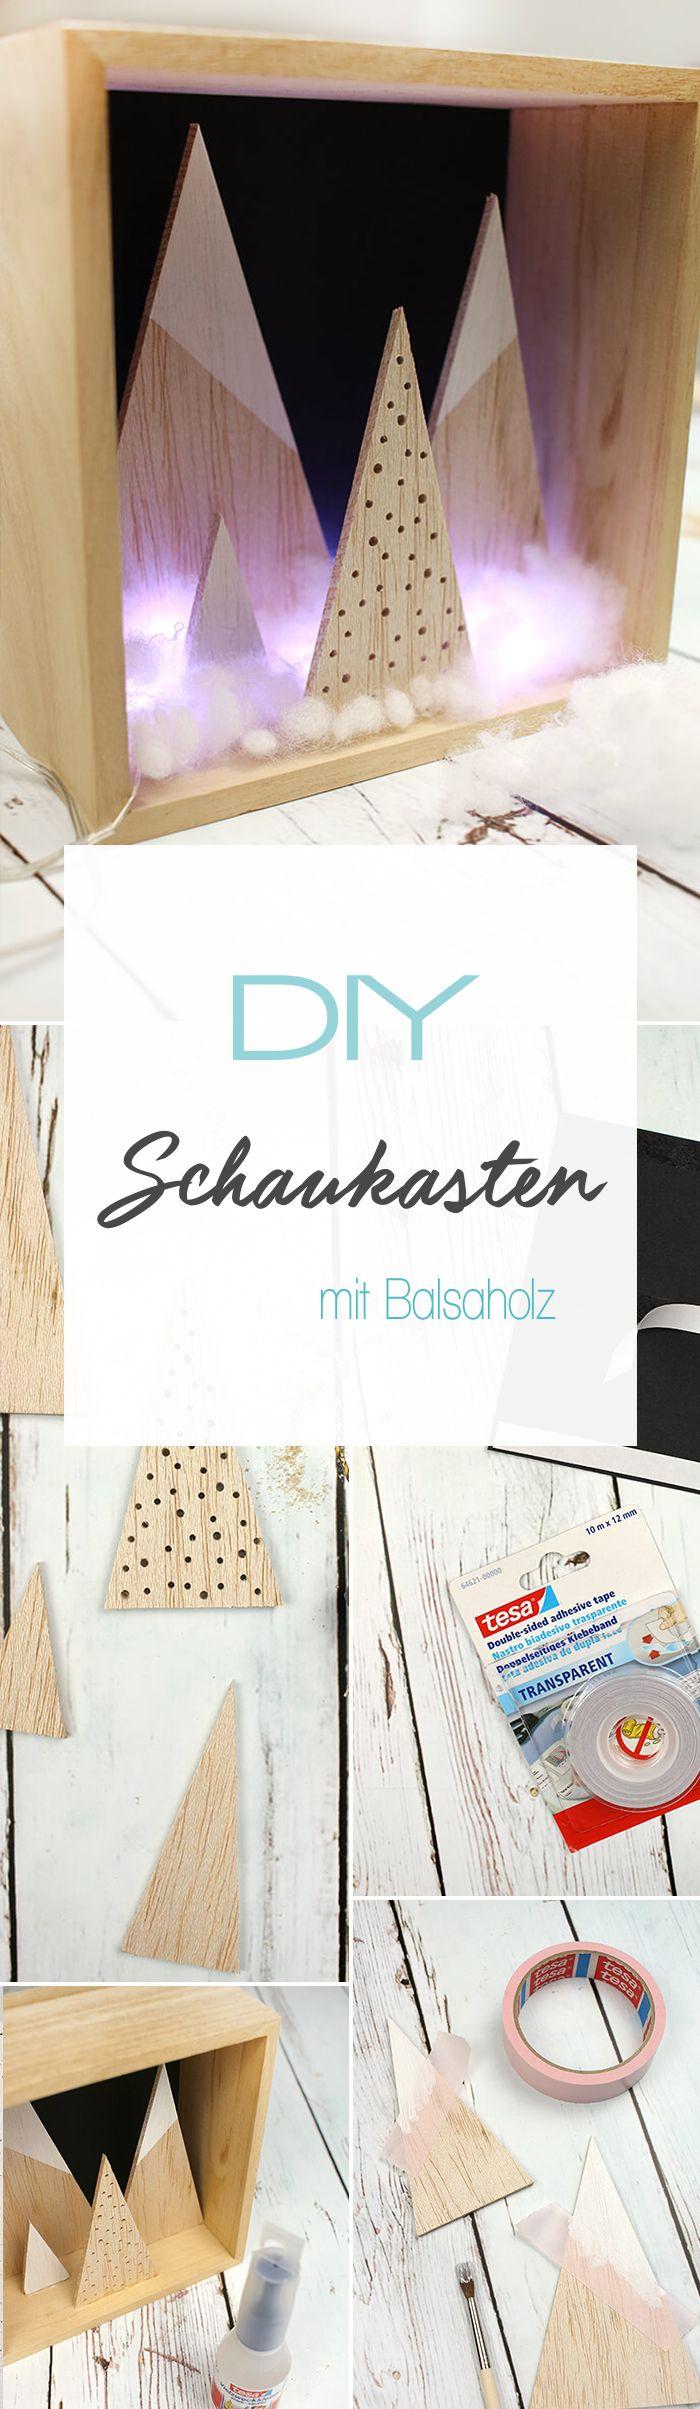 Dani von DIY Blog Gingered Things zeigt euch zusammen mit tesa wie ihr diesen winterlichen Schaukasten aus Balsaholz basteln könnt. Die perfekte Deko oder auch als Geschenk ein Traum.